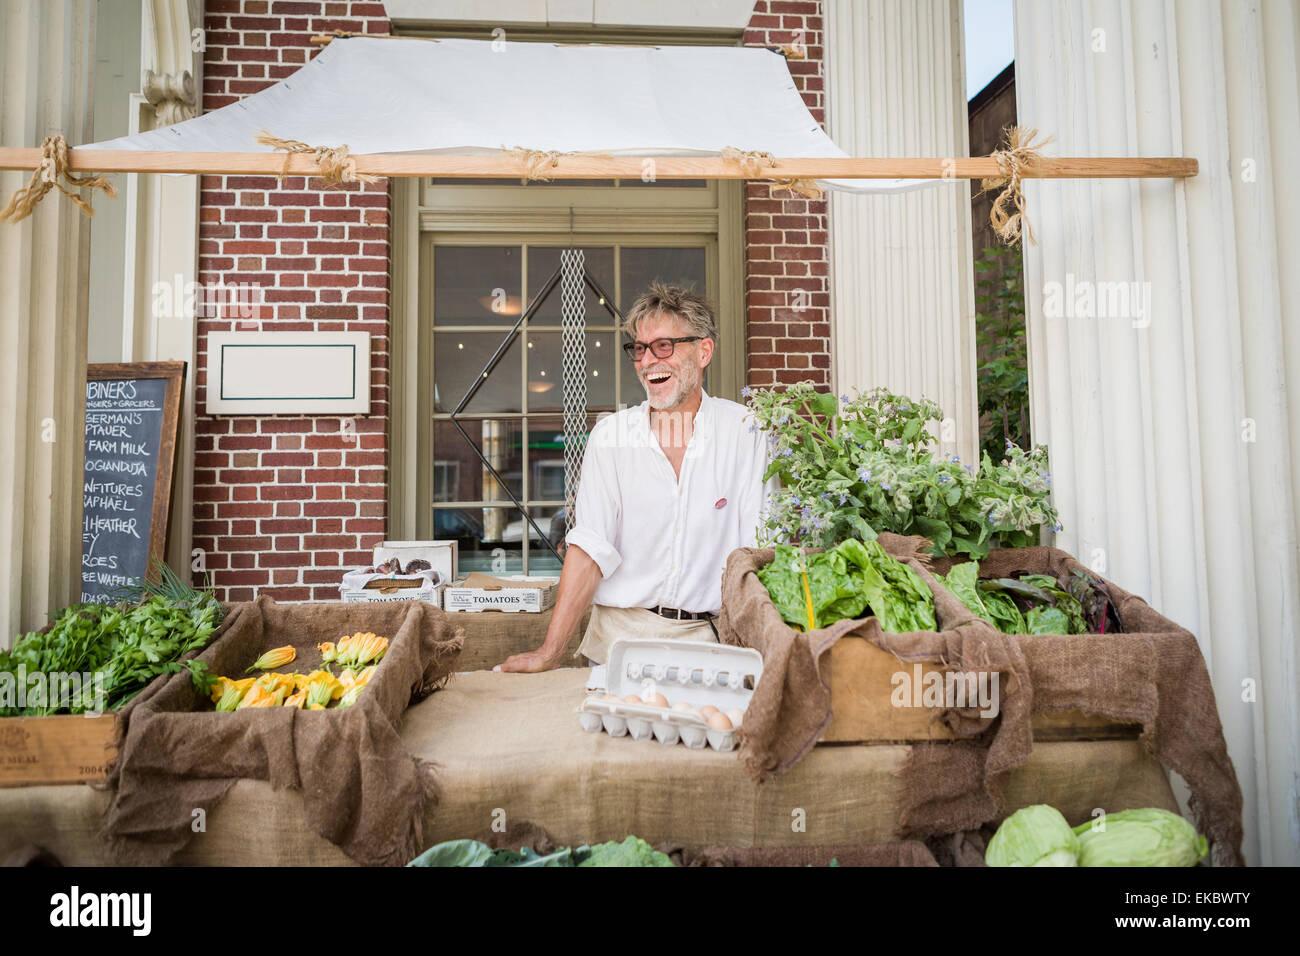 Landwirt verkauft Bio-Eiern und Gemüse auf Stall vor Geschäft Stockbild